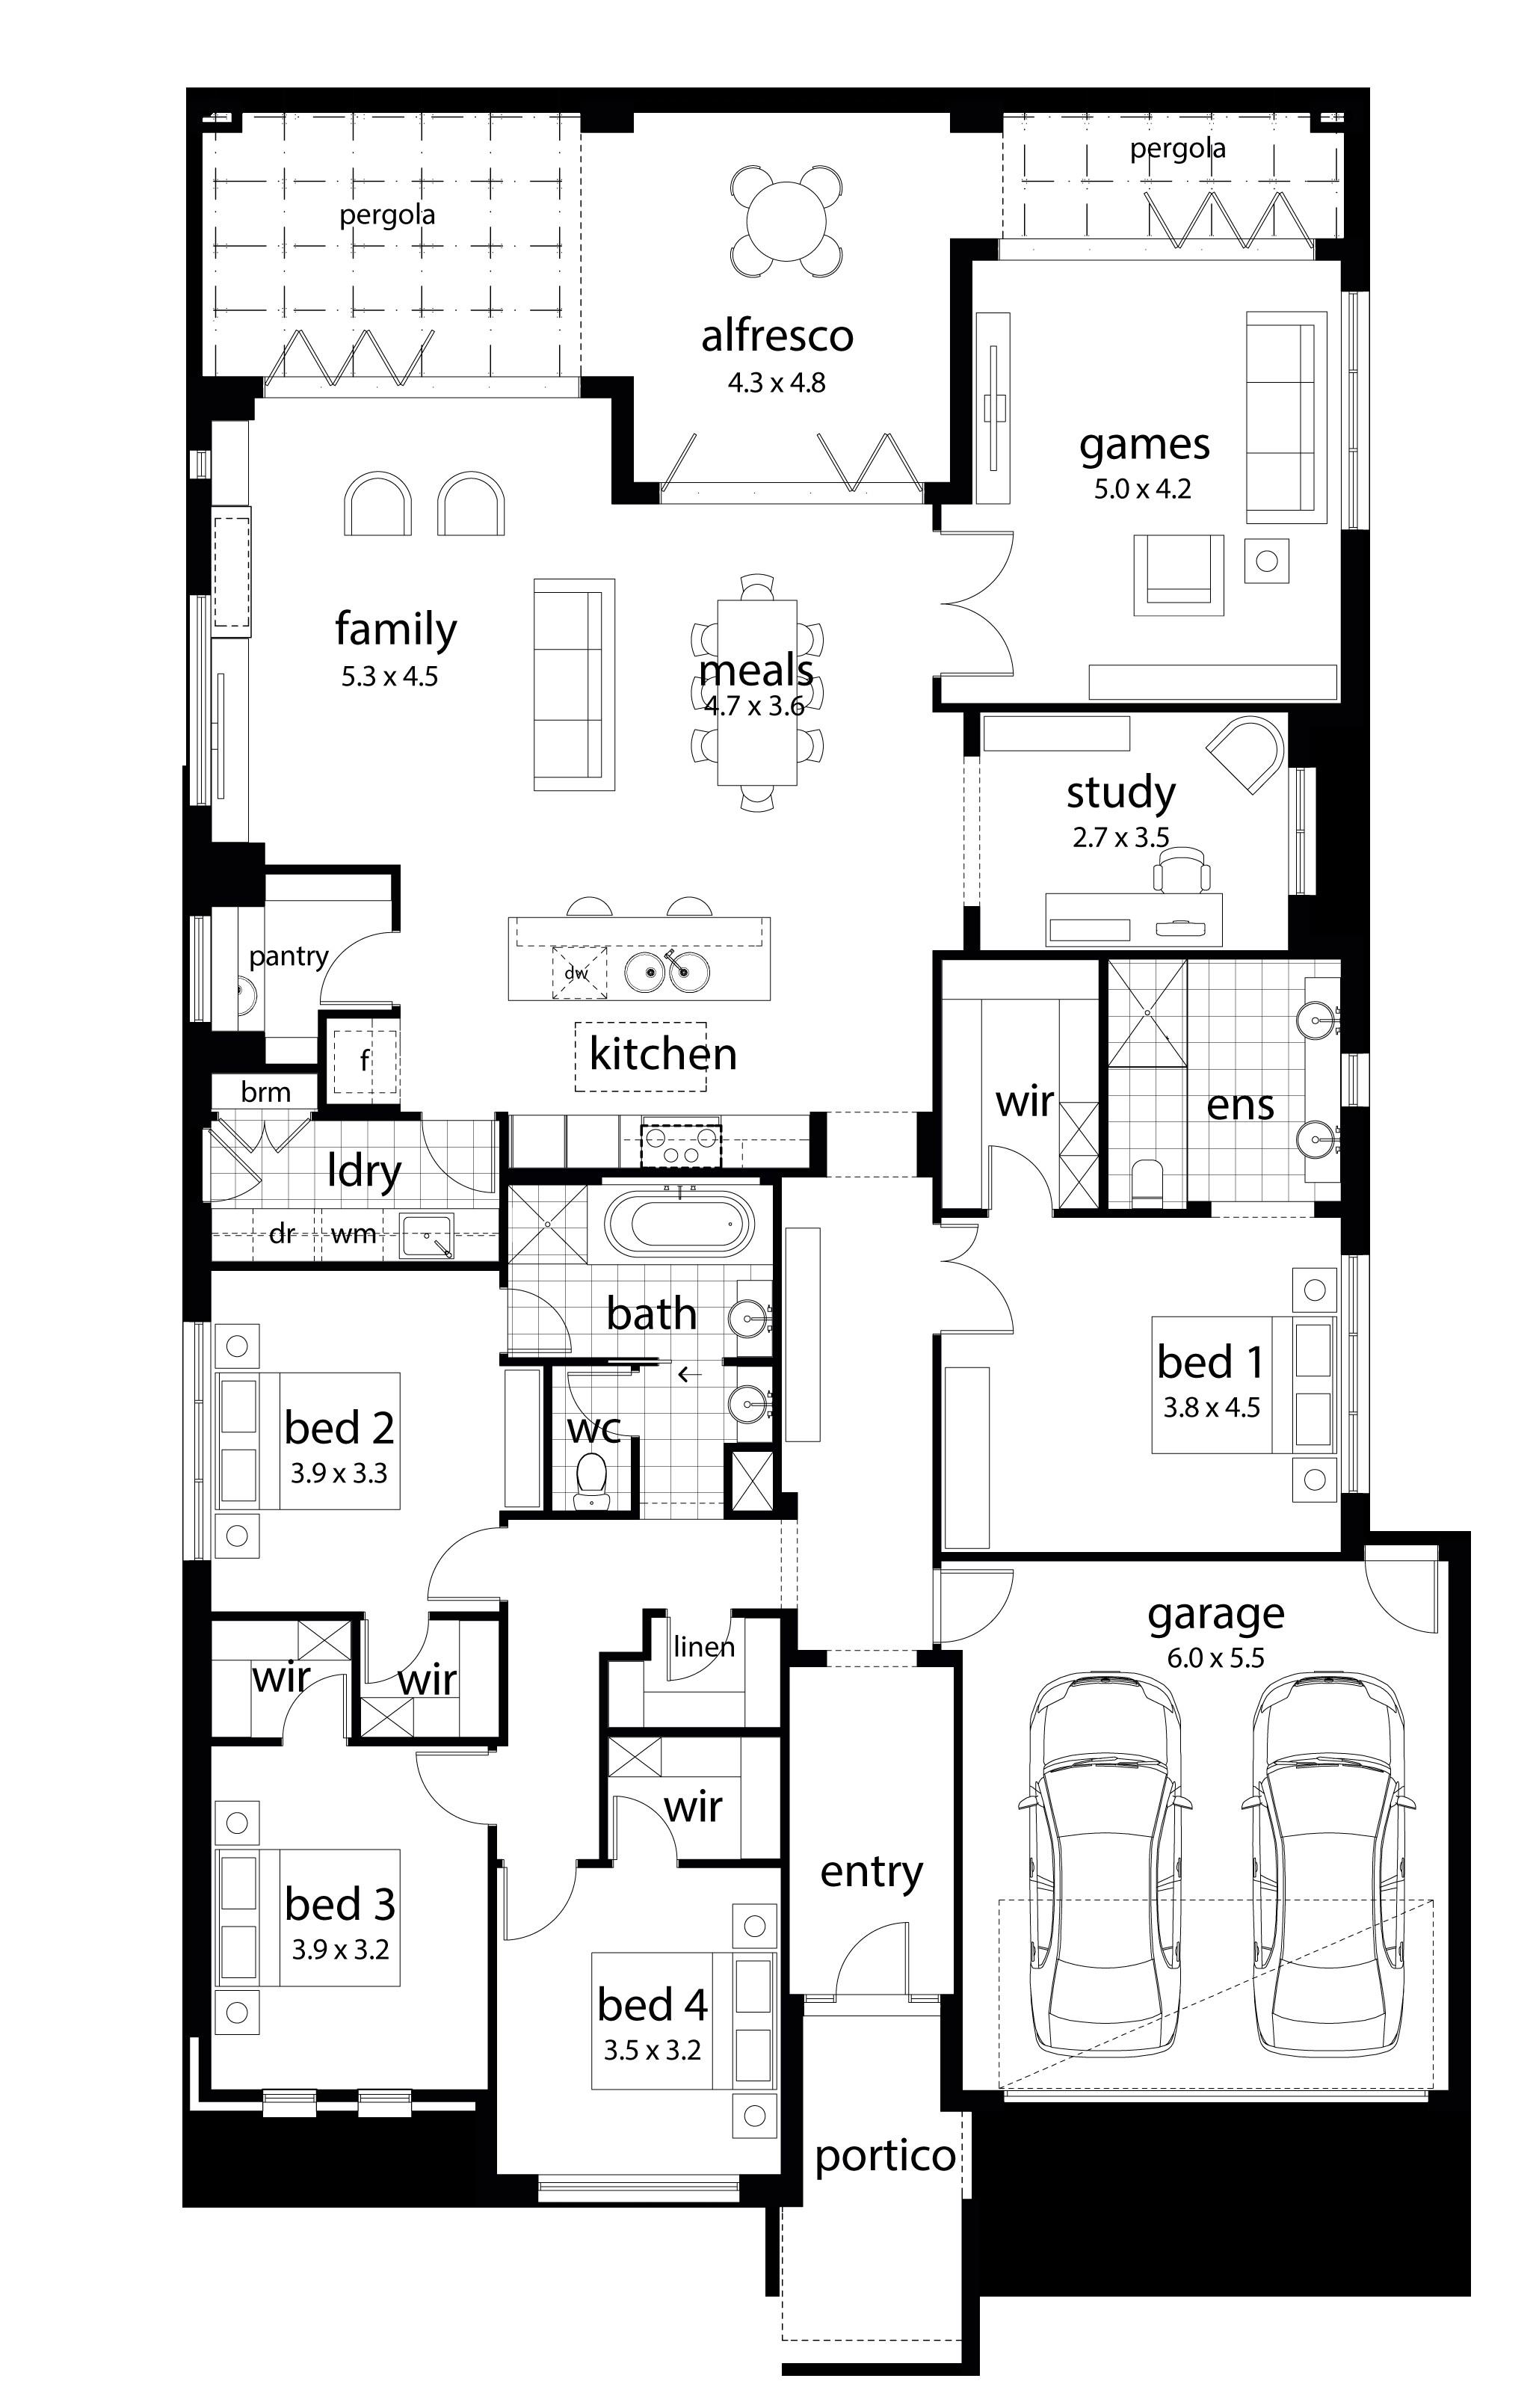 dennis family homes floor plans